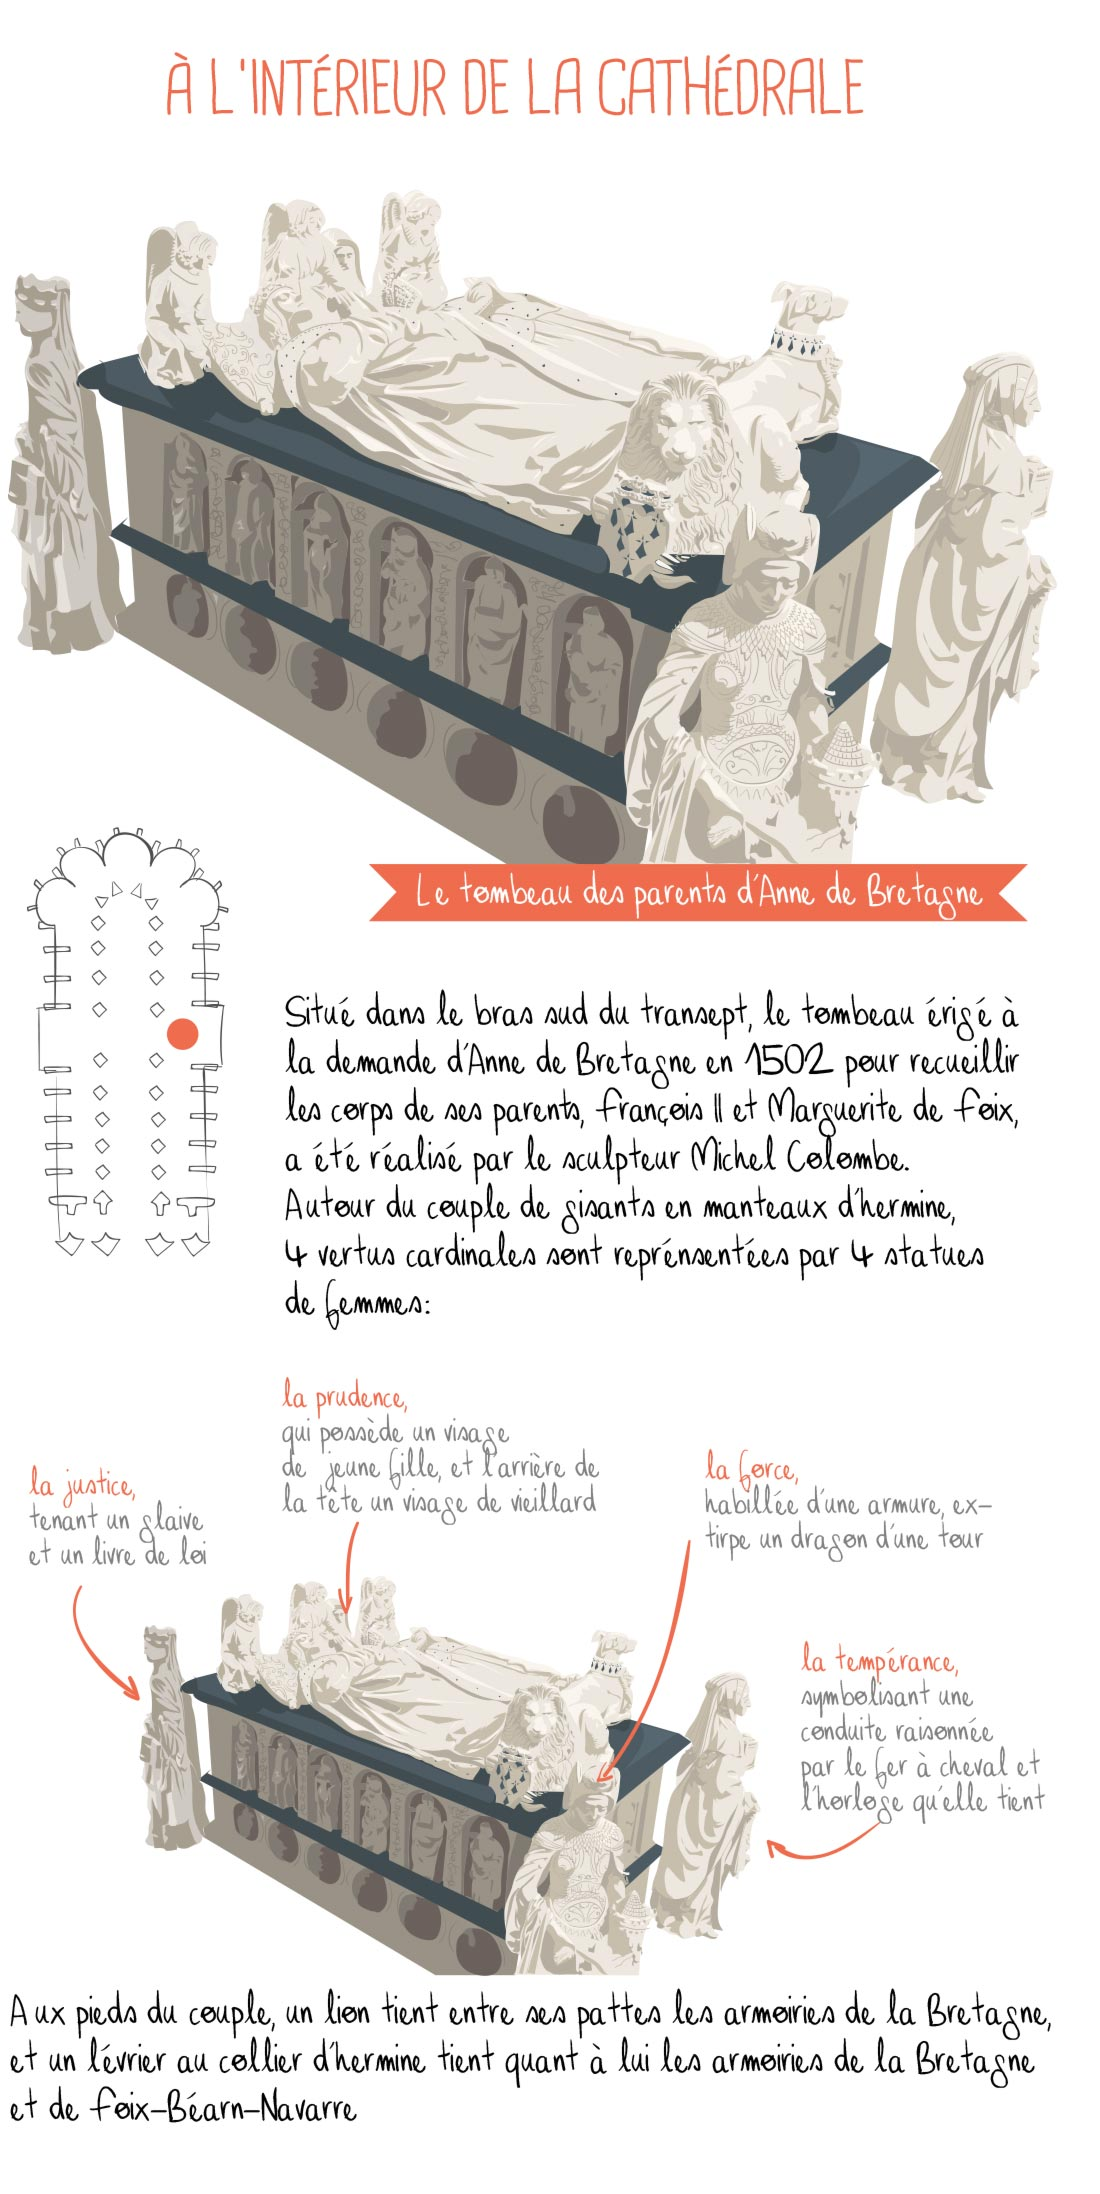 Histoire de la cathédrale de Nantes, partie 5